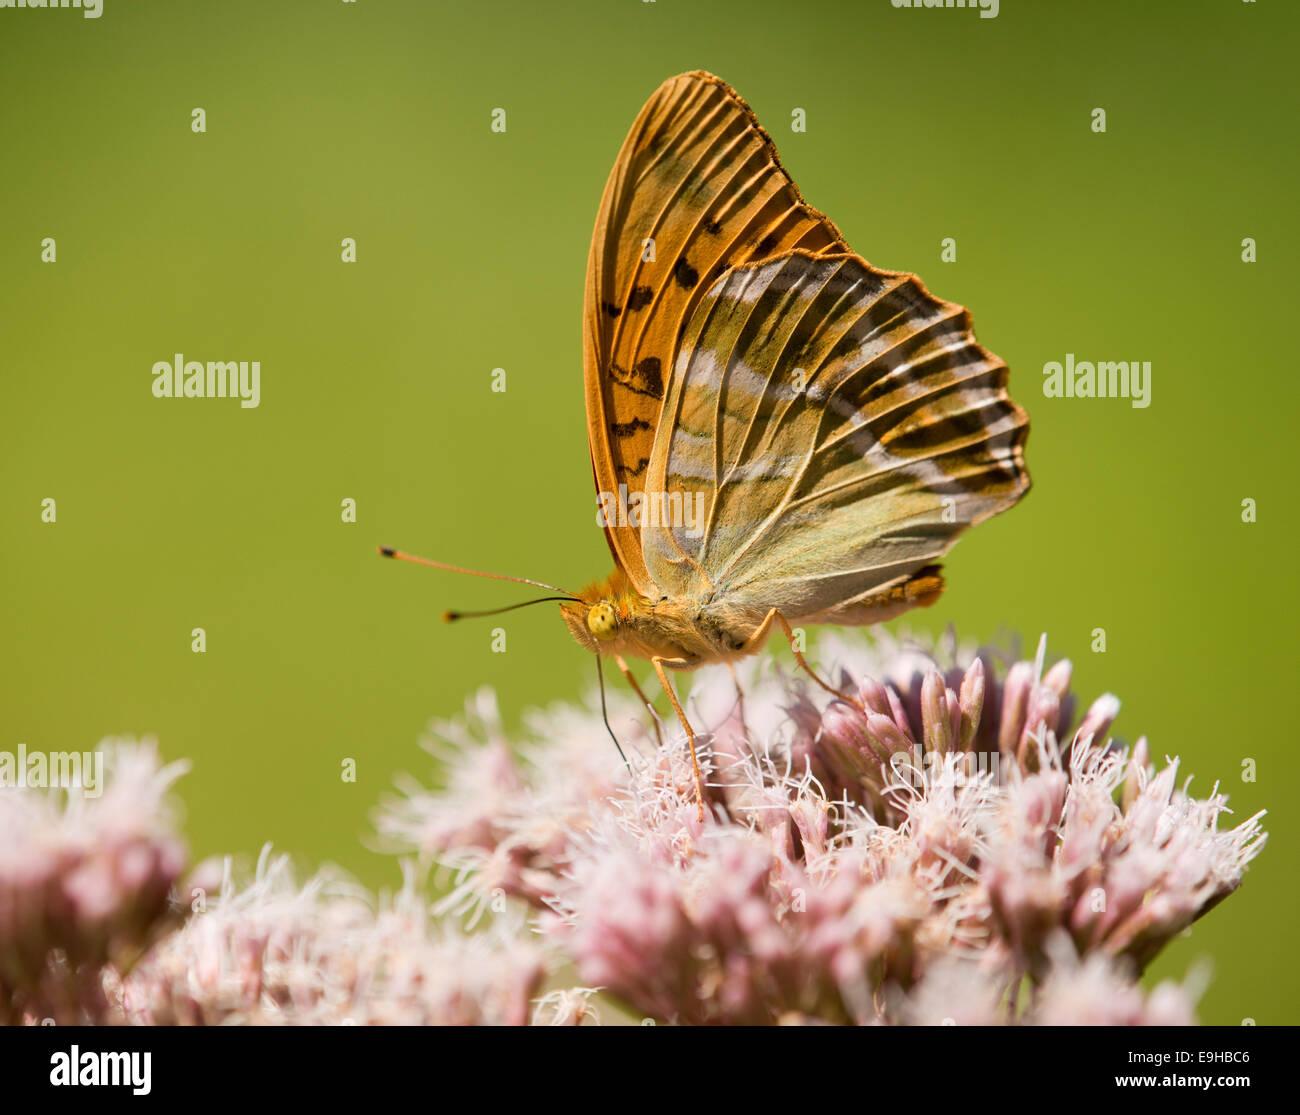 Silver-washed Fritillary (Argynnis paphia) sucking nectar, Thuringia, Germany - Stock Image